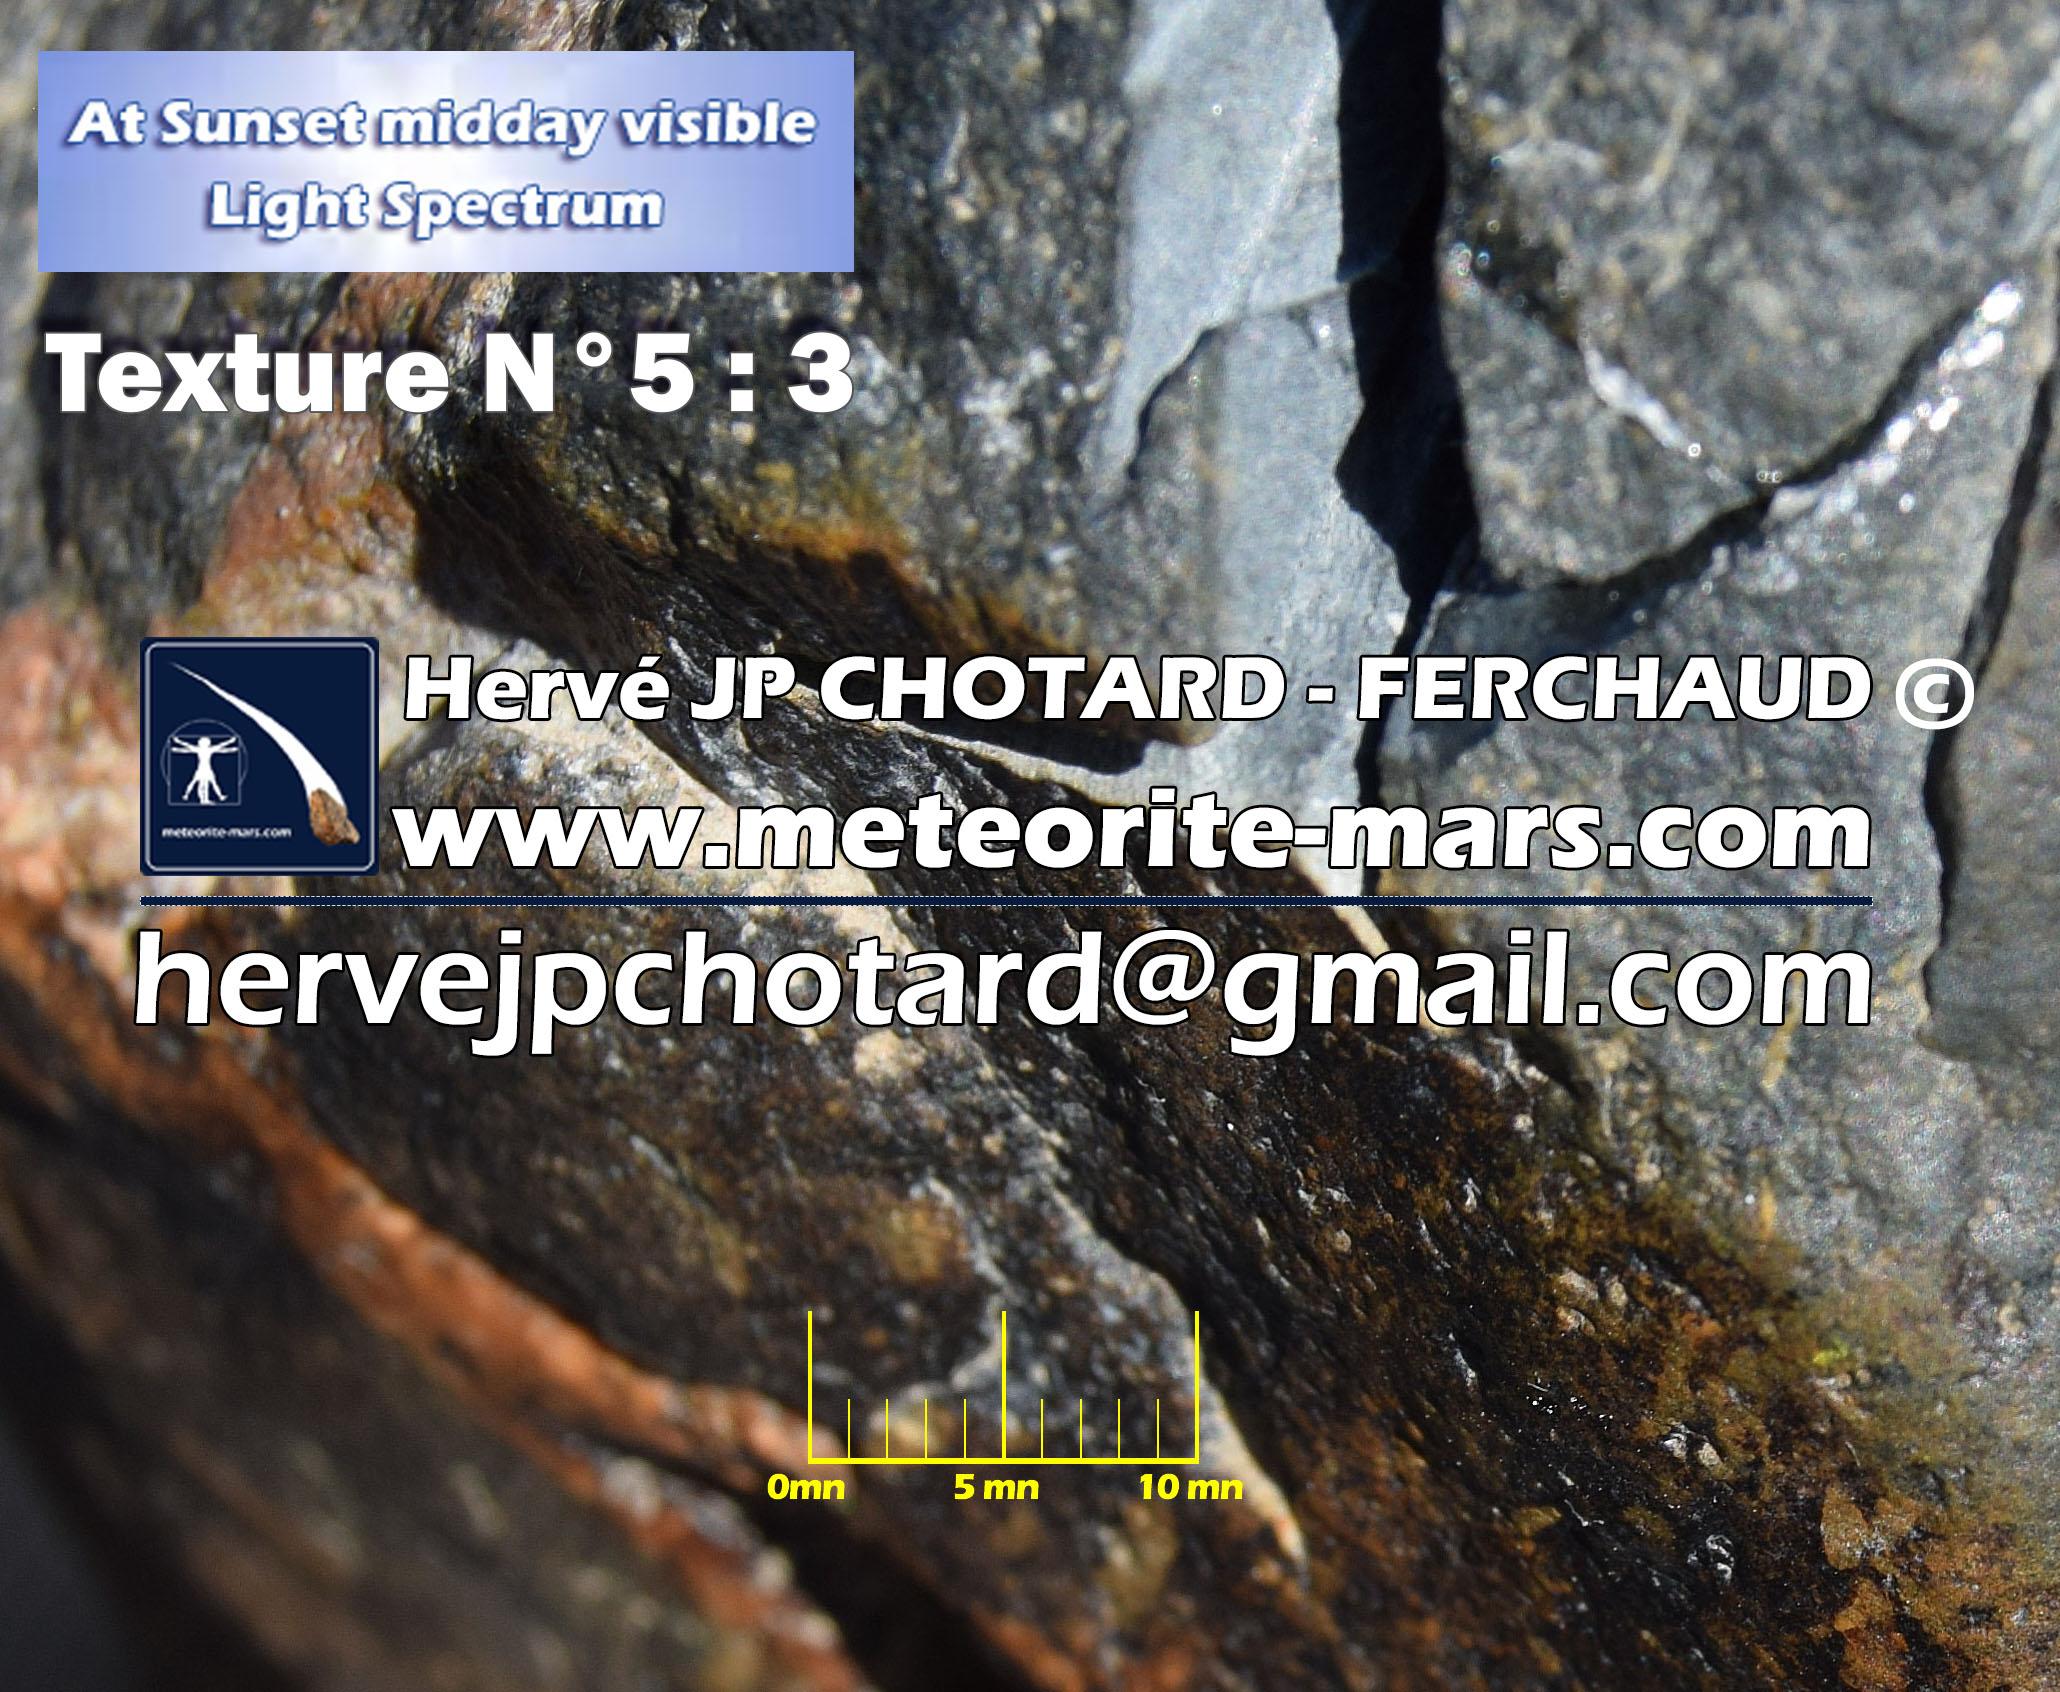 Texture N 5-3 meteorite chizé de mars